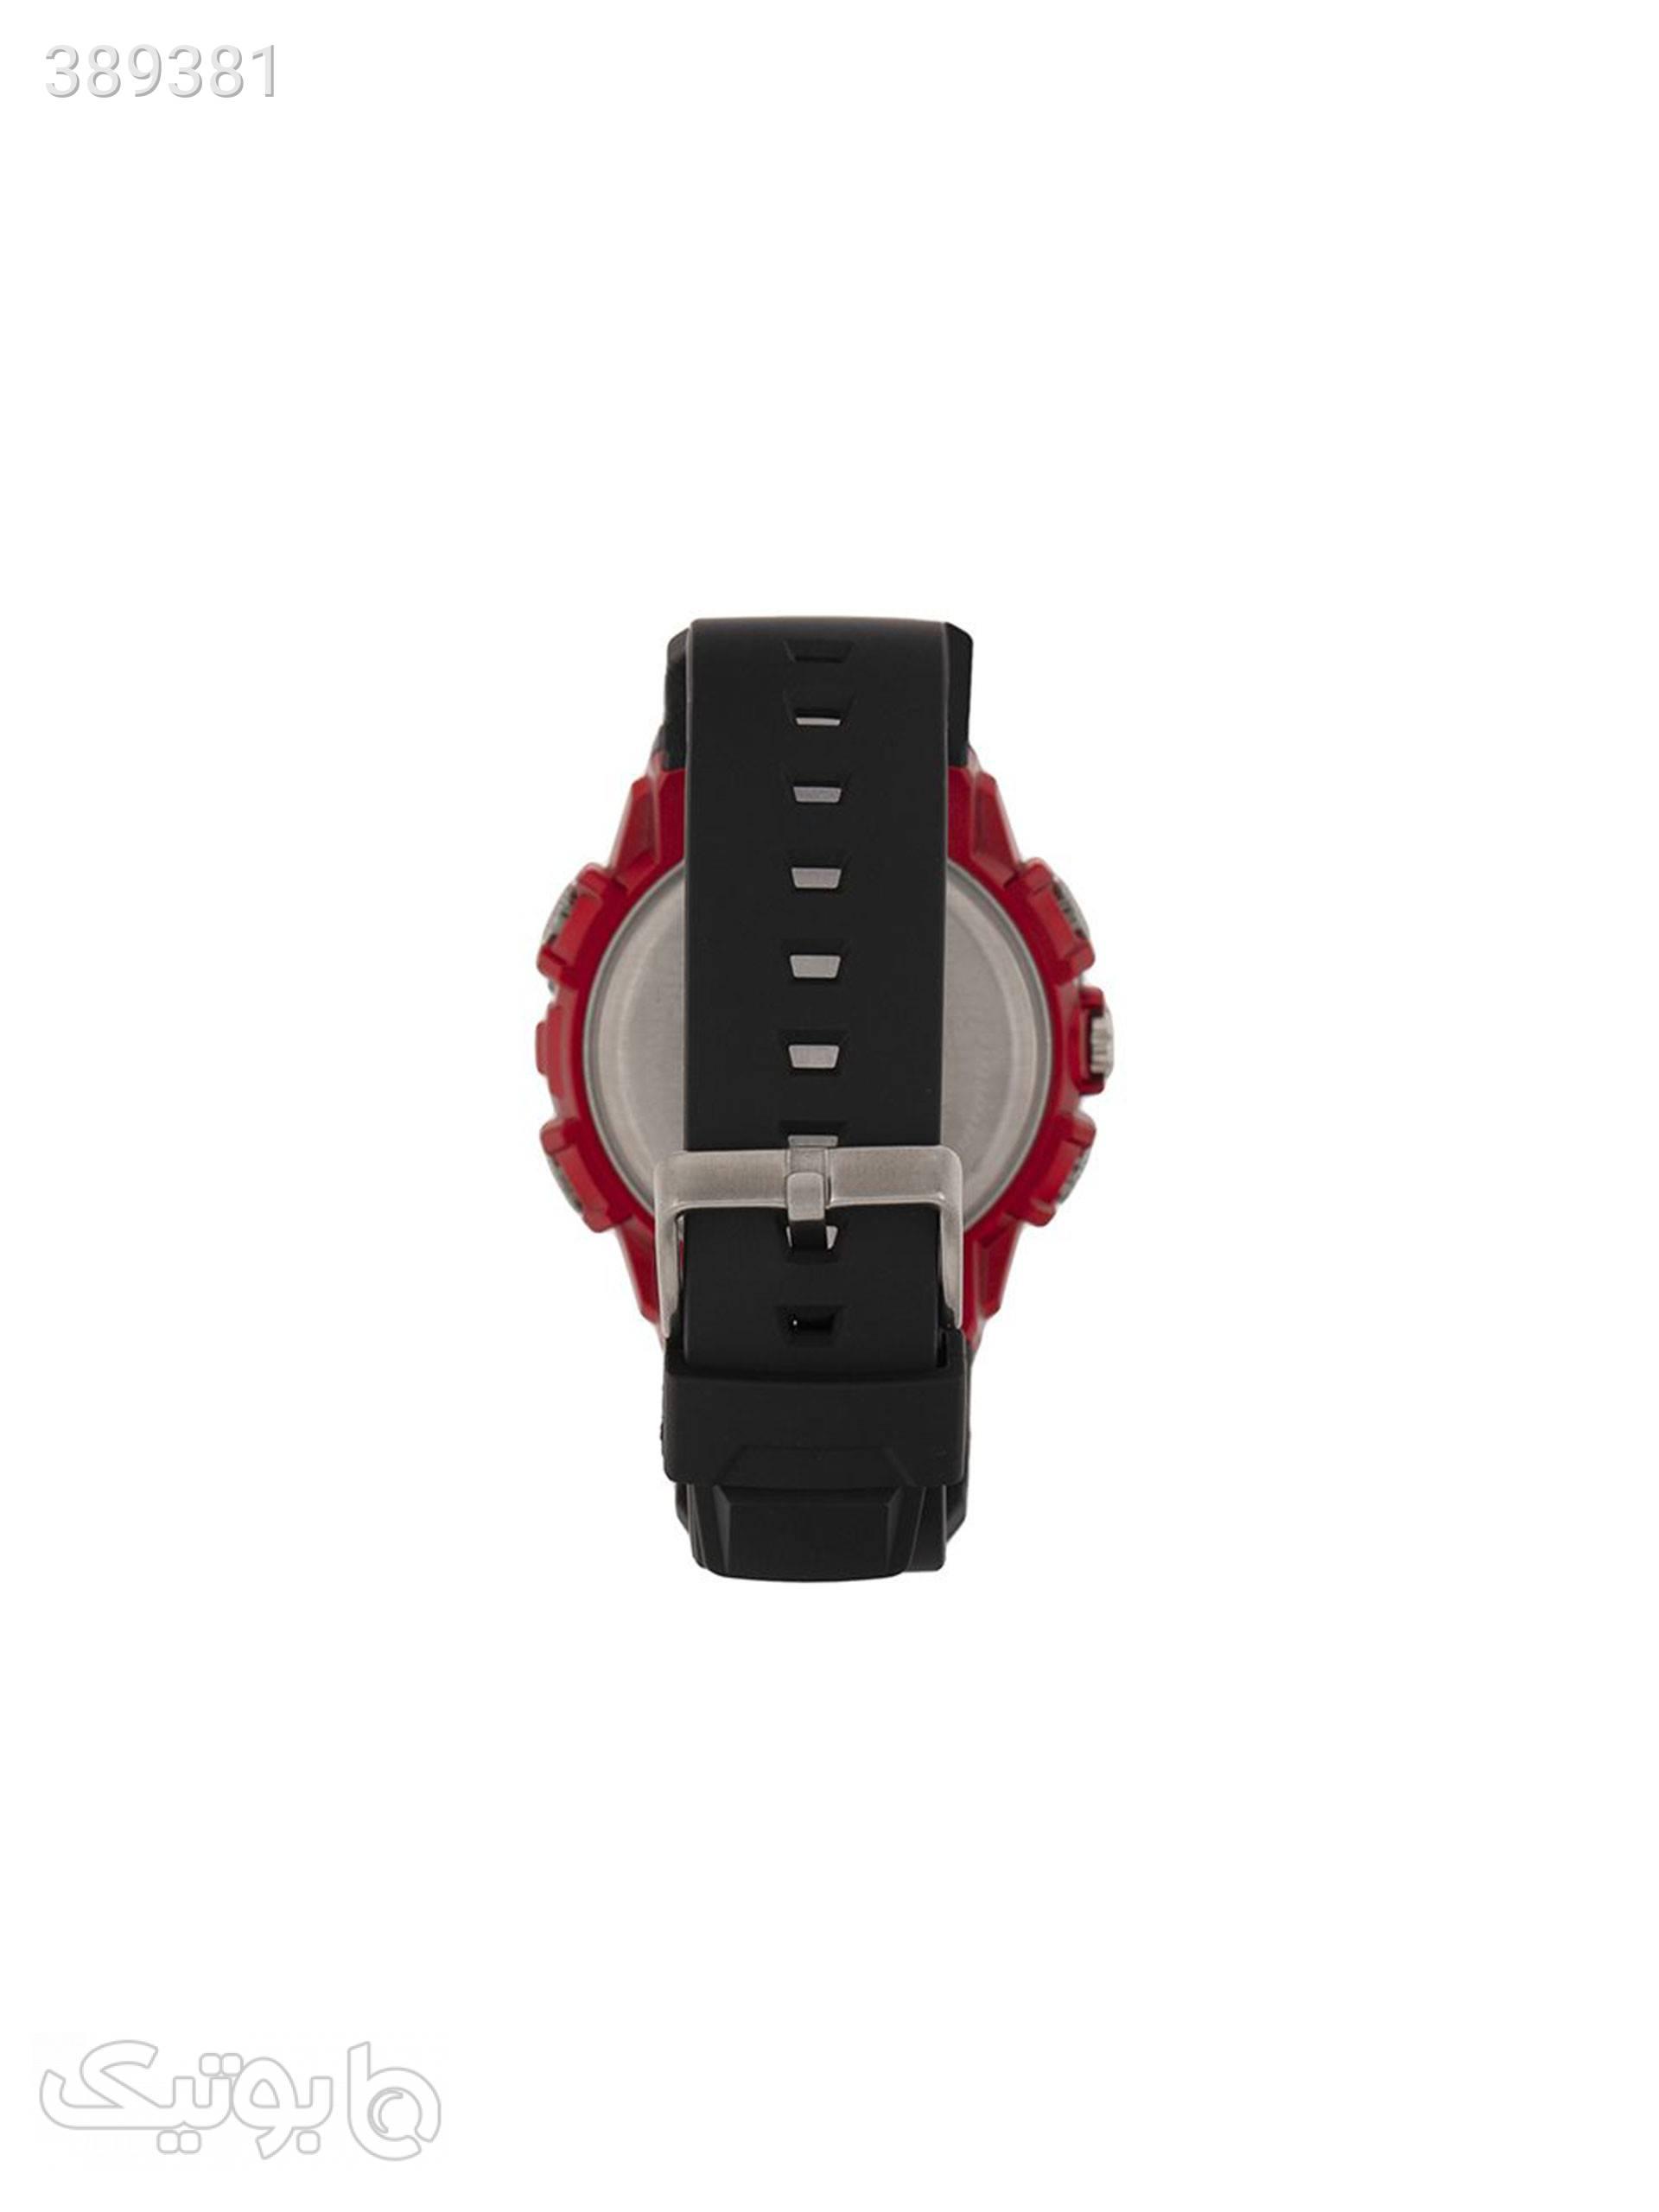 ساعت مچی دیجیتال مردانه لاروس مدل RT656 مشکی ساعت